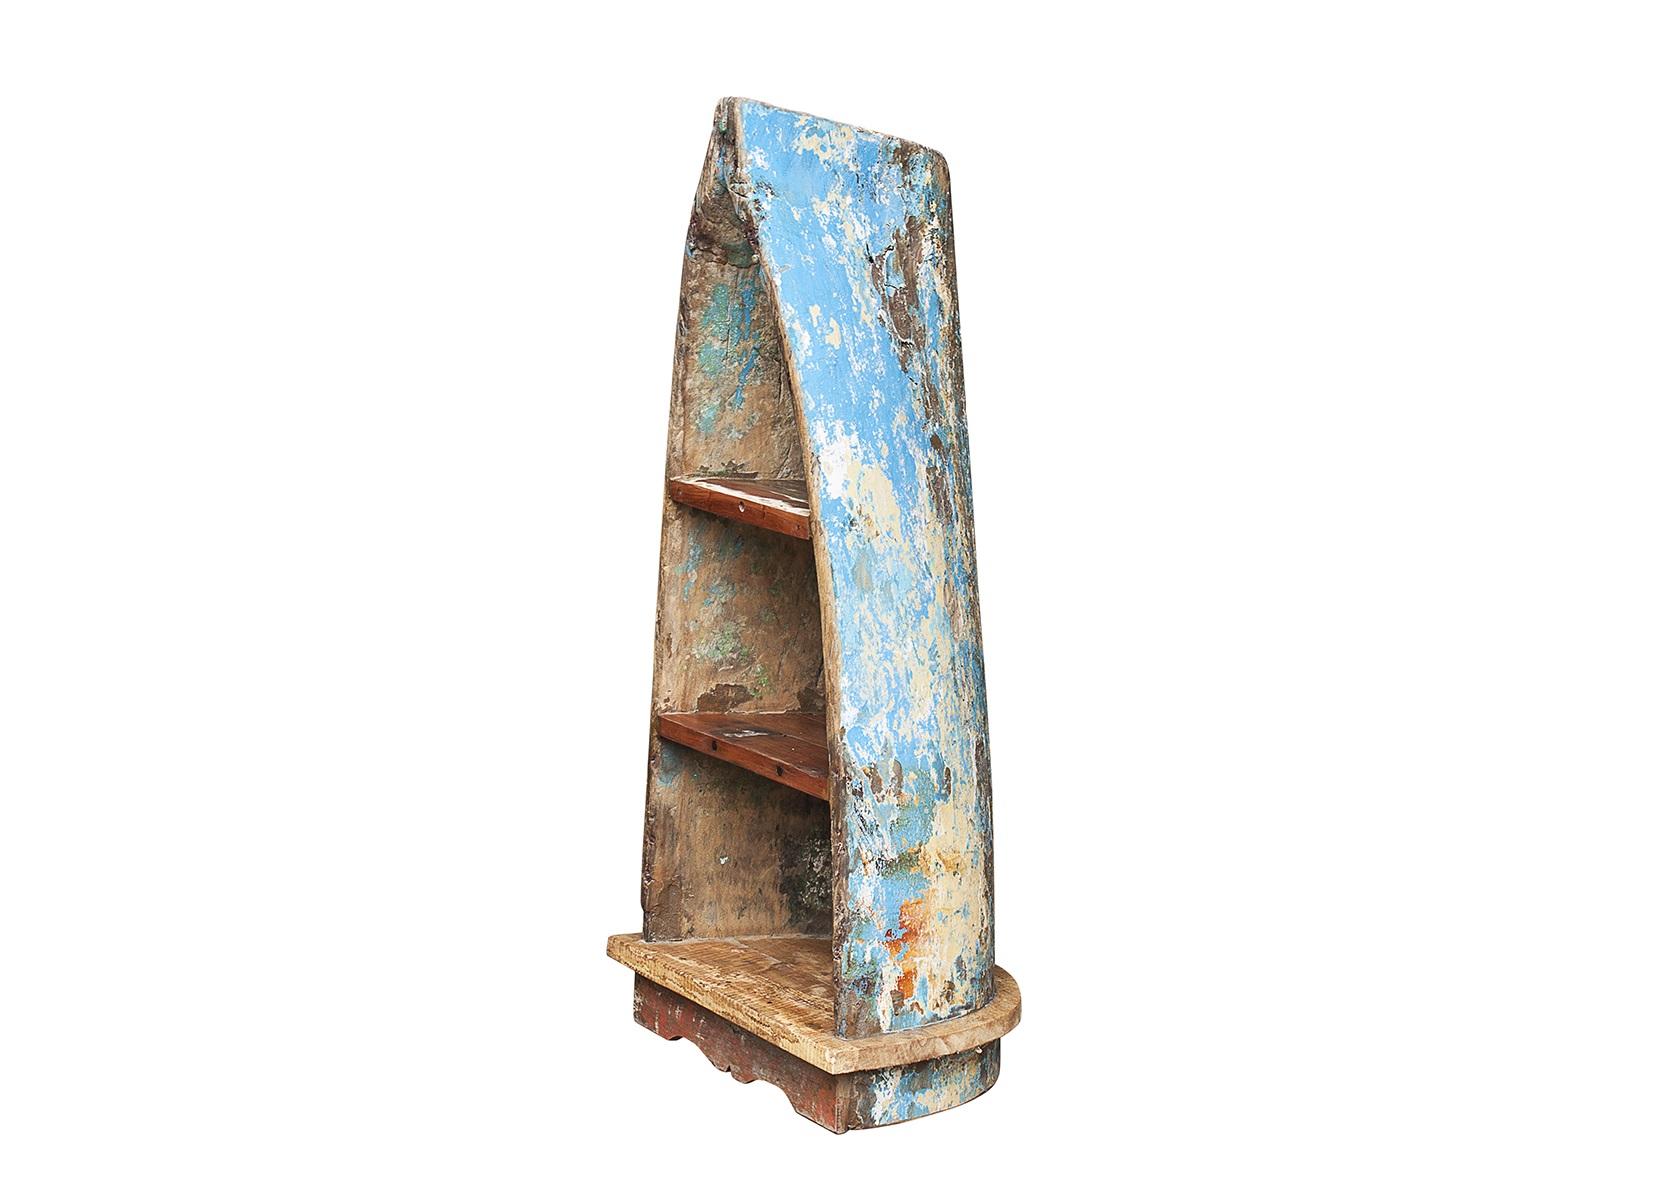 Стеллаж из лодки малый ПикассоСтеллажи и этажерки<br>Напольный стеллаж, выполненный из старой рыбацкой лодки изящной вытянутой формы с сохранением оригинальной многослойной окраски.<br><br>Имеет 3 полки разной вместимости.<br>Подходит для использования как внутри помещения, так и снаружи.<br>Сборка не требуется.<br>Страна производитель - Индонезия.<br><br>Material: Тик<br>Width см: 42<br>Depth см: 56<br>Height см: 119